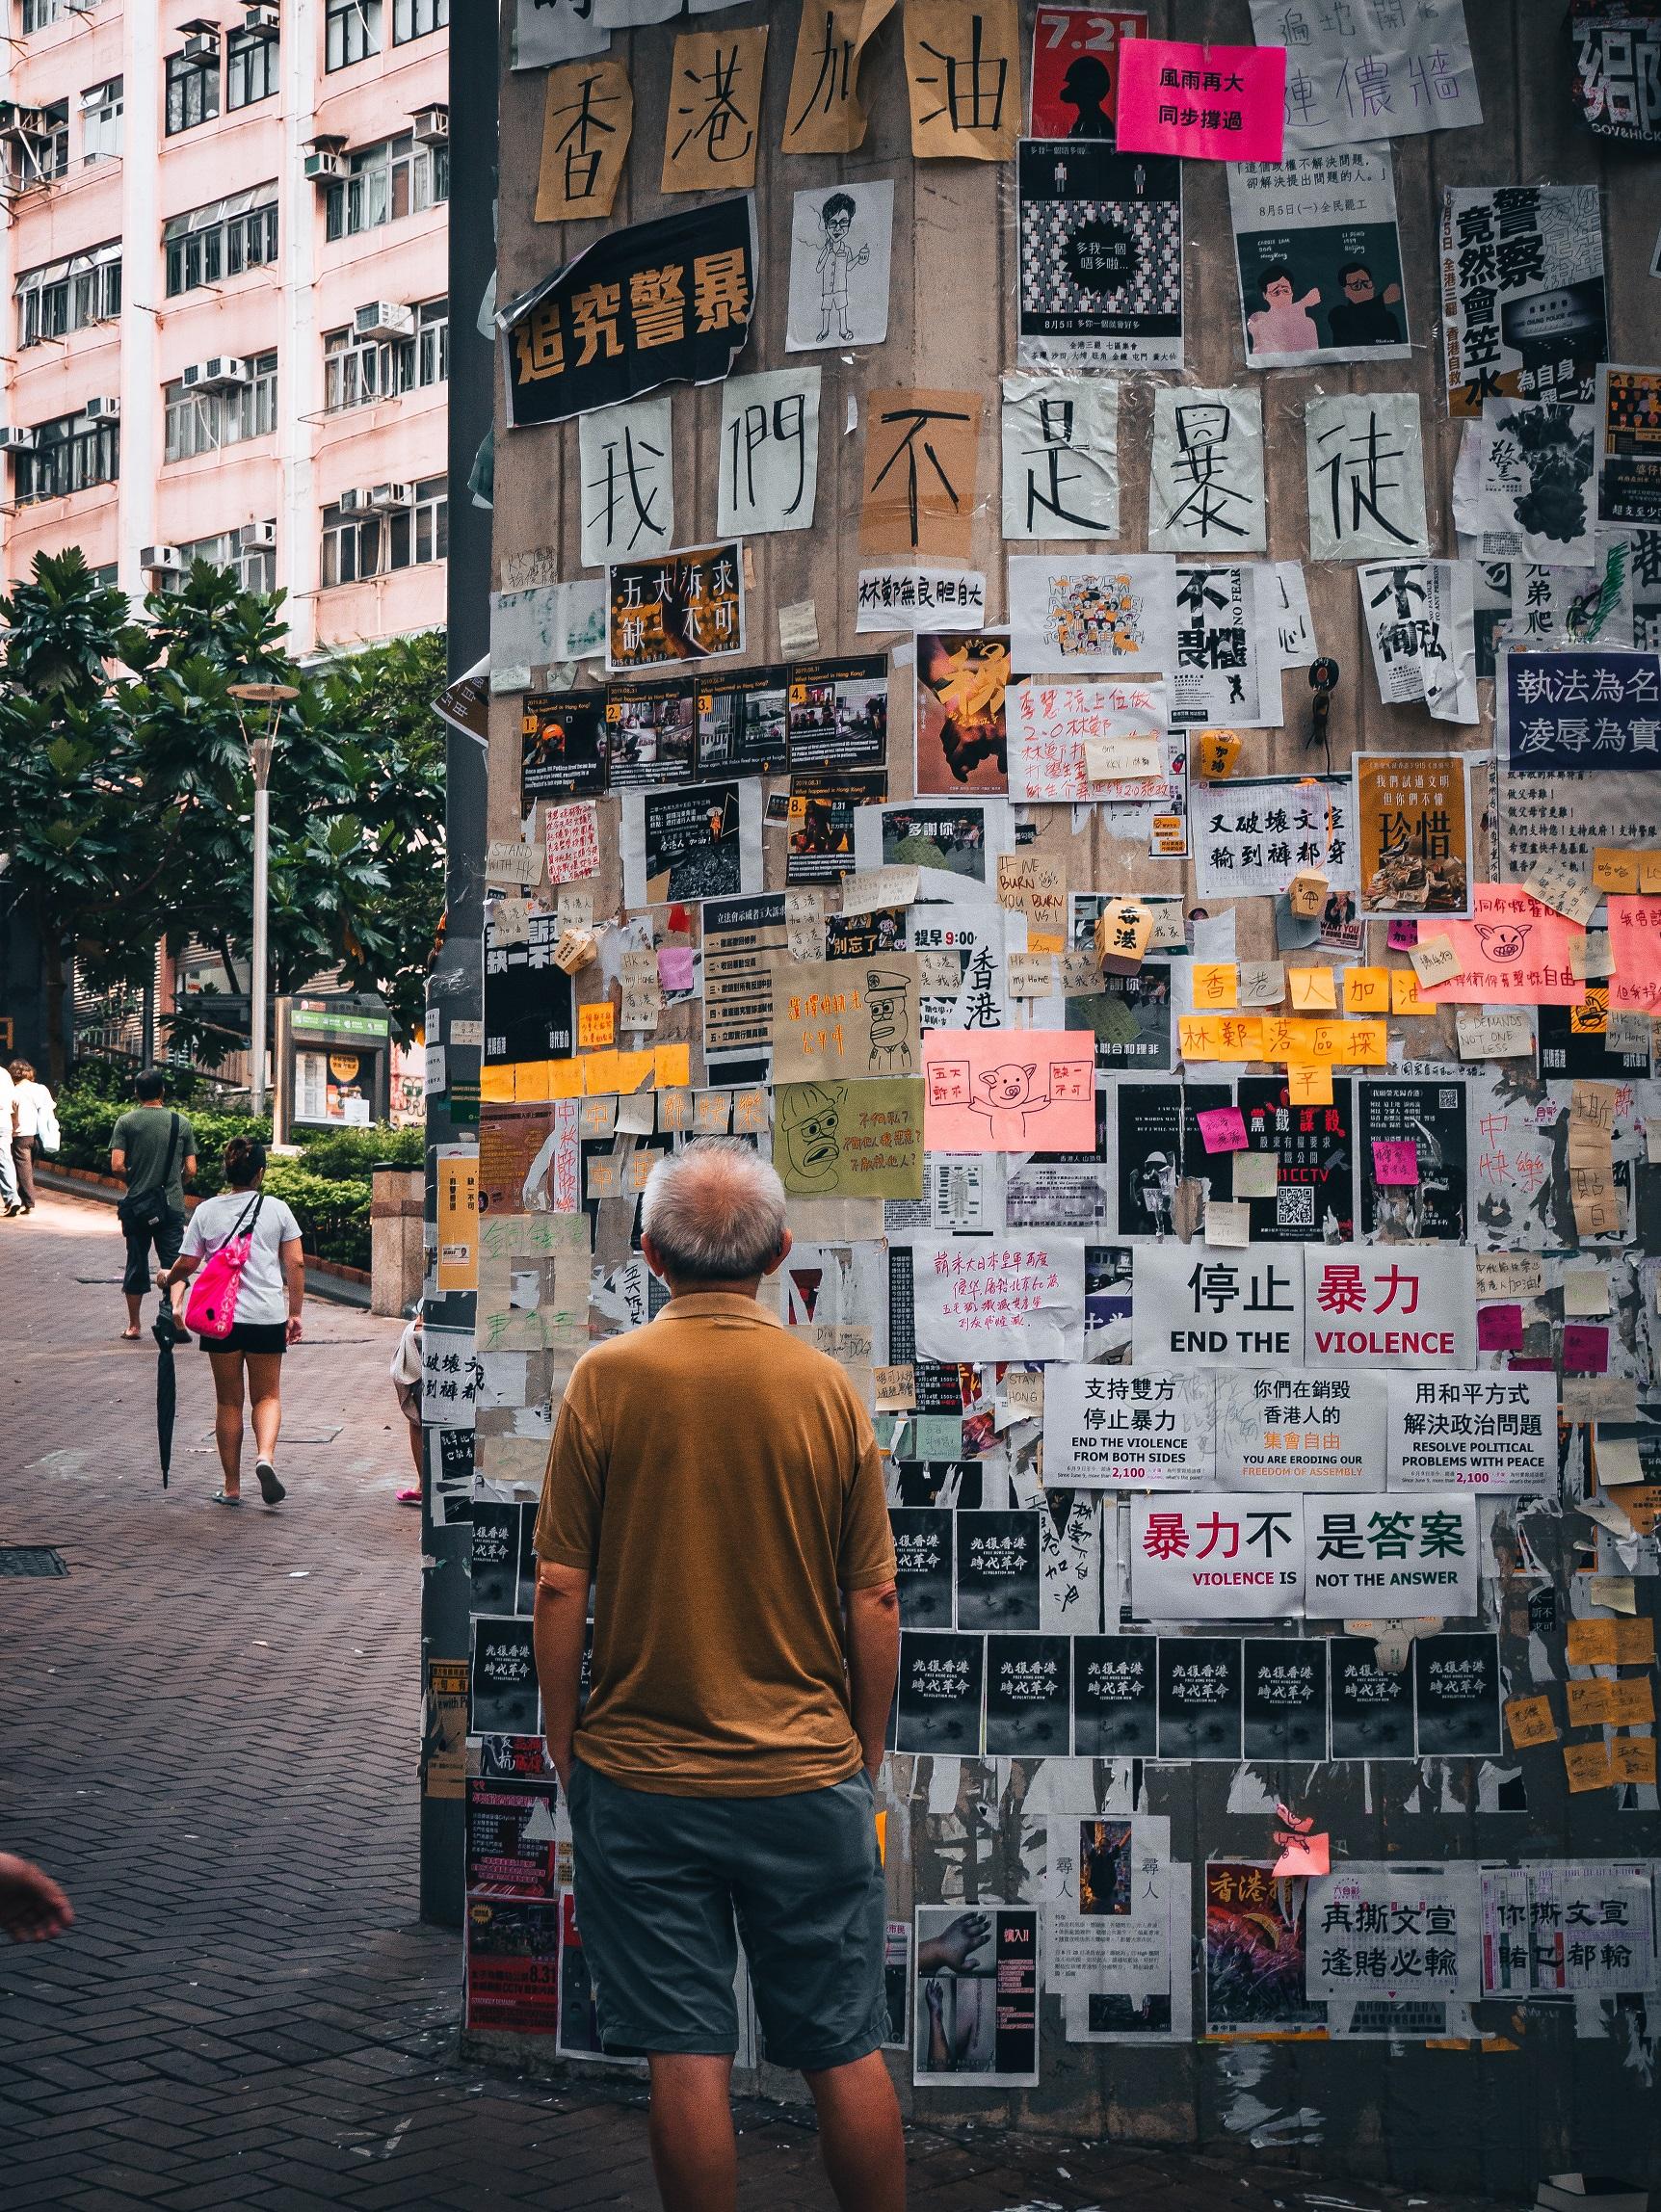 Man looking at Lennon Wall in Hong Kong